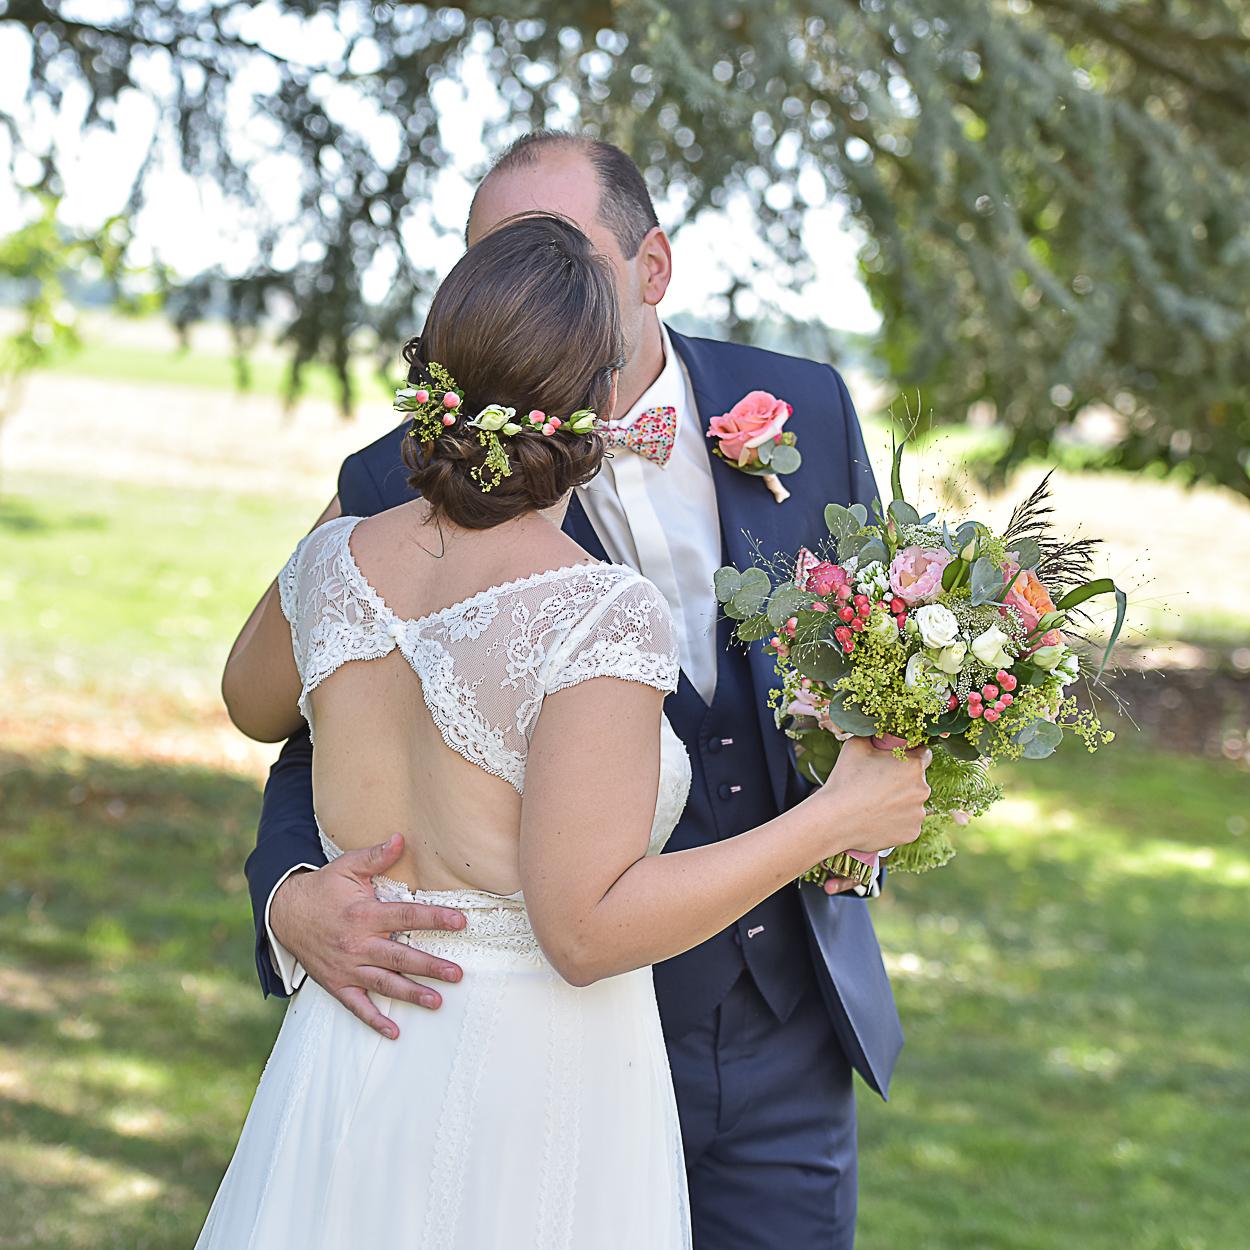 photographe-mariage-portrait-maries-rencontre